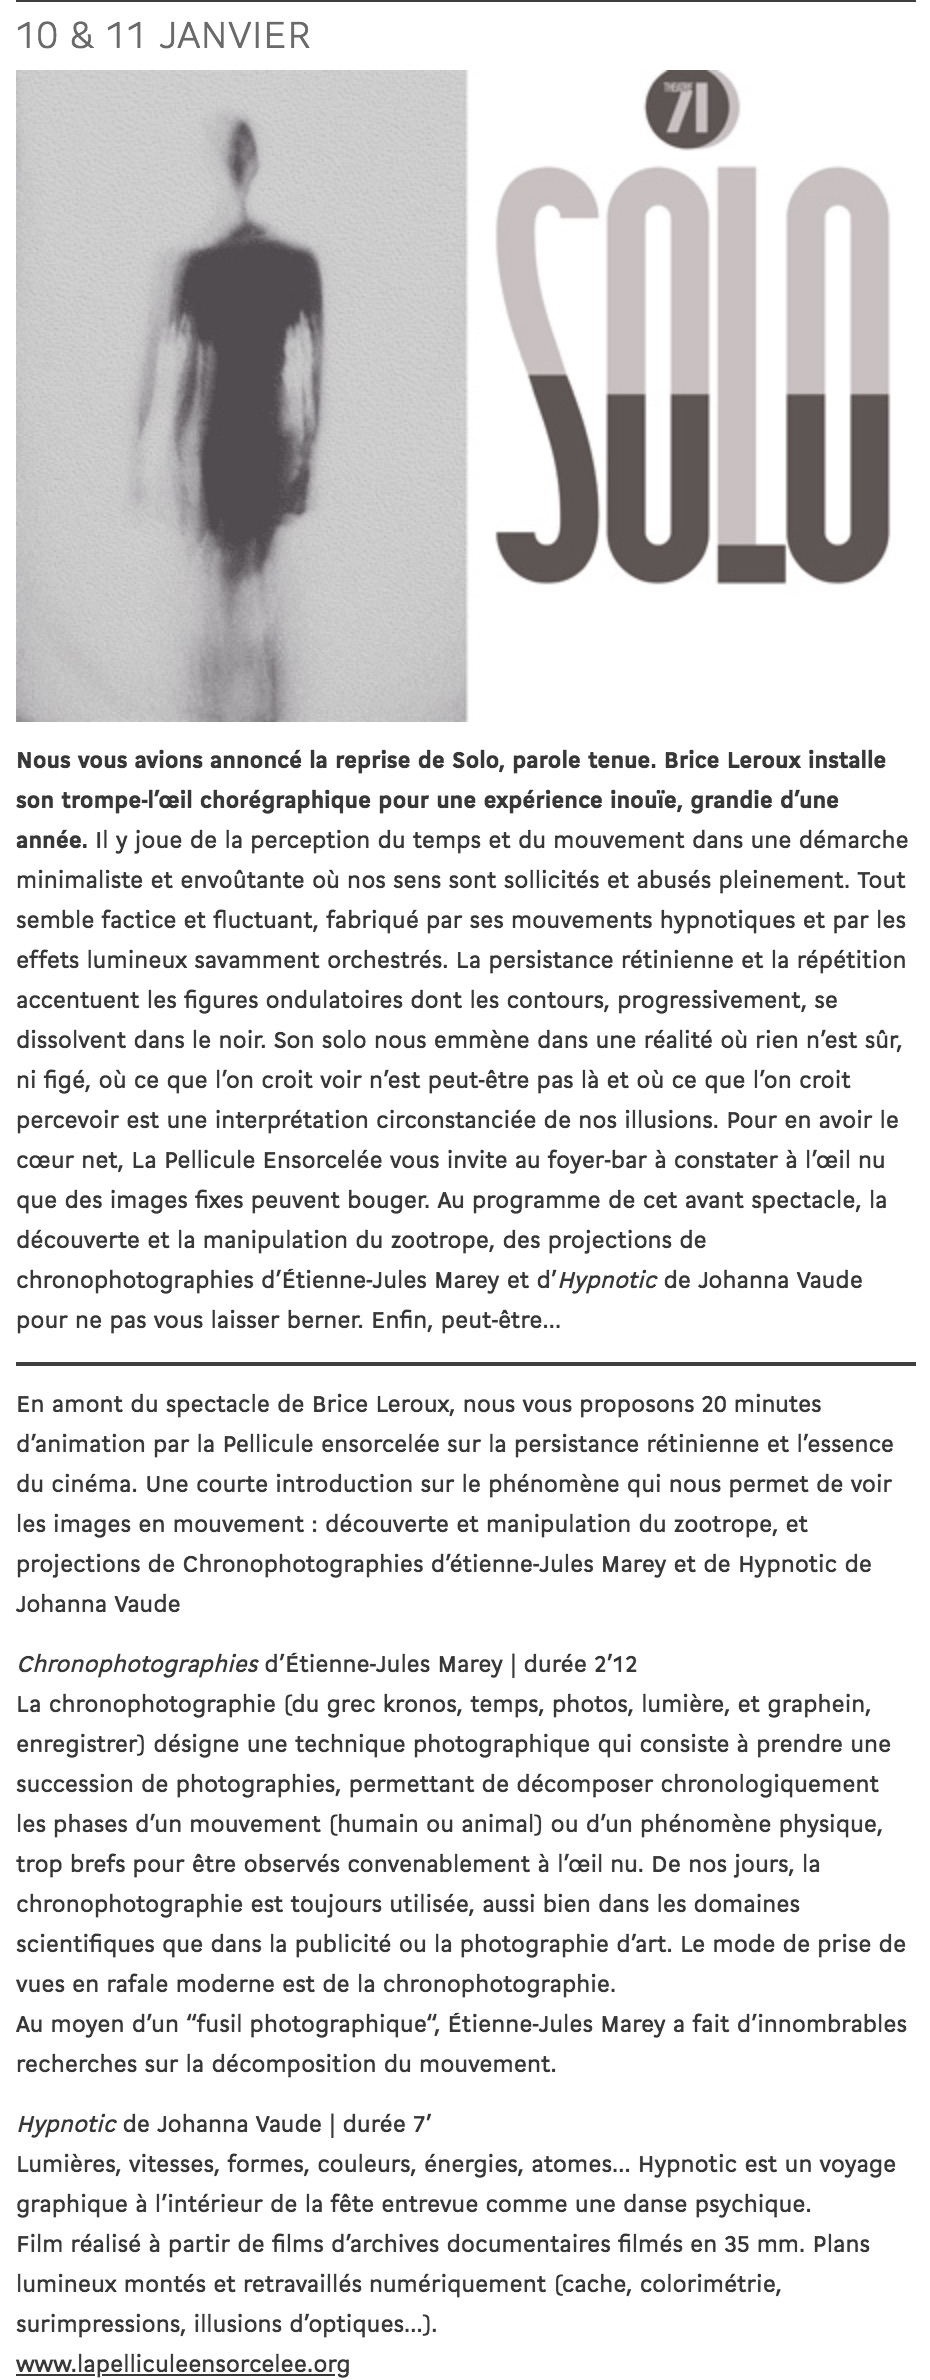 solo-brice-leroux-hypnotic-johanna-vaude-thetatre-71-malakoff